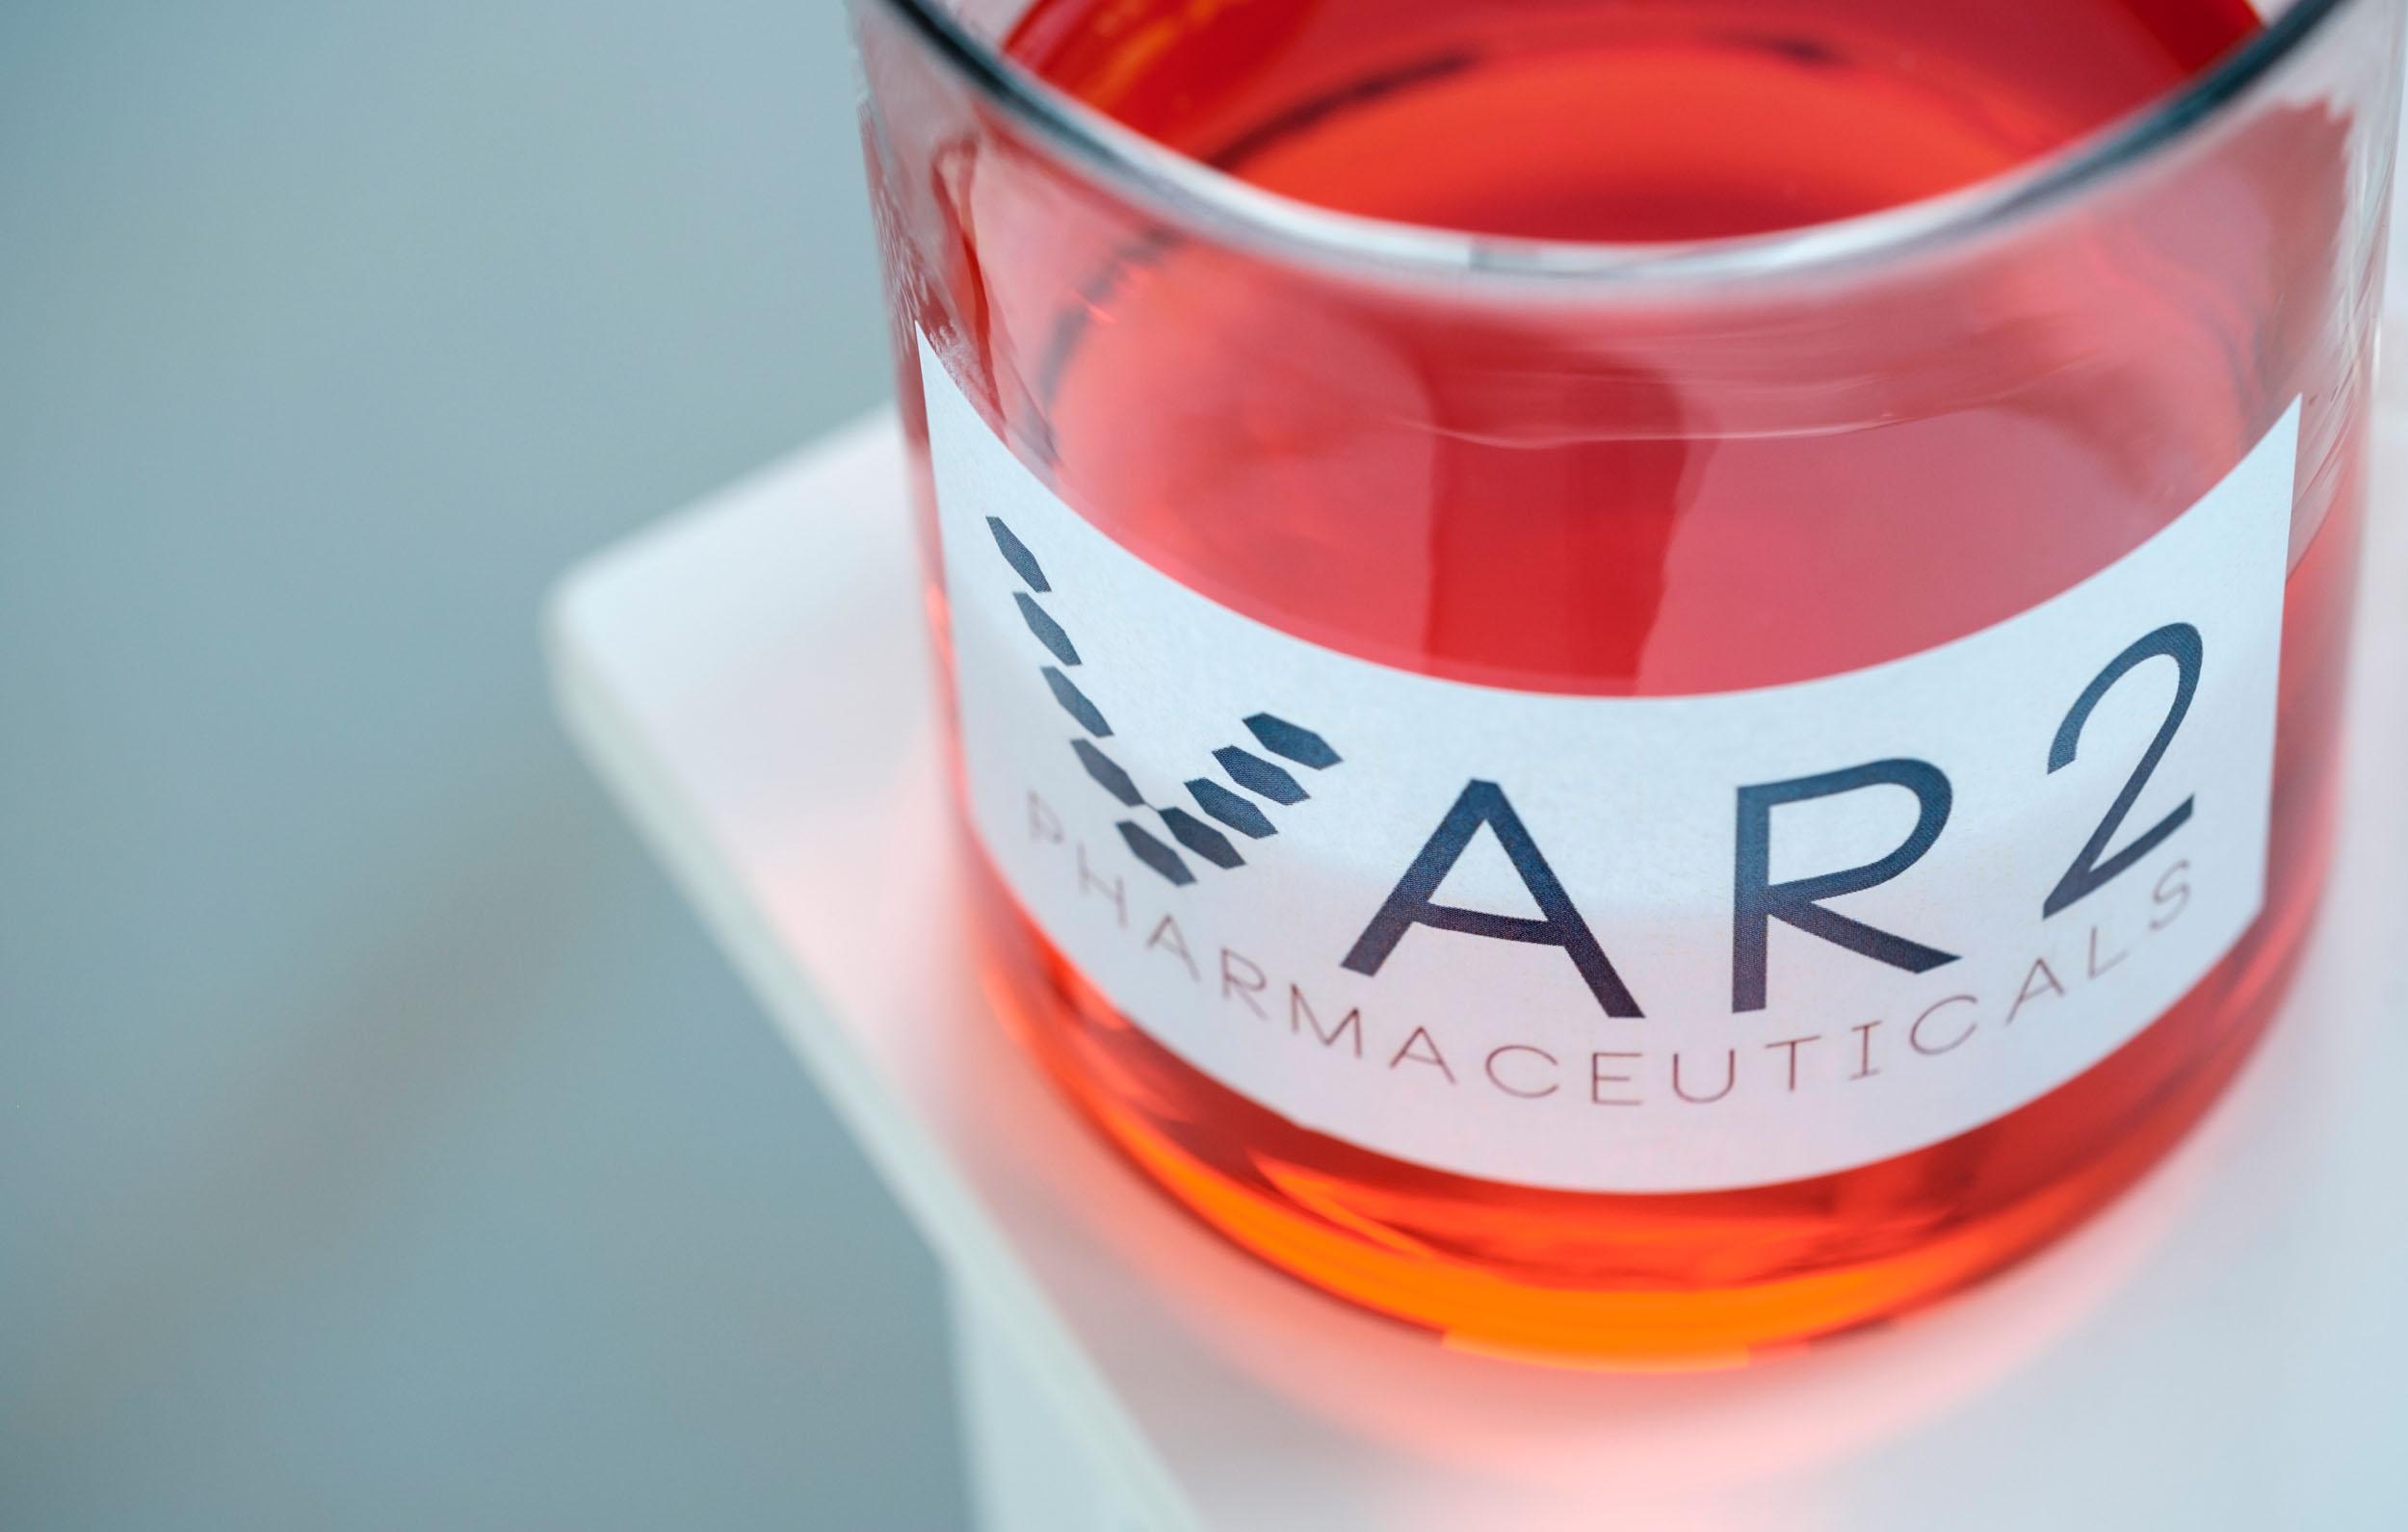 VAR2 Pharmaceuticals